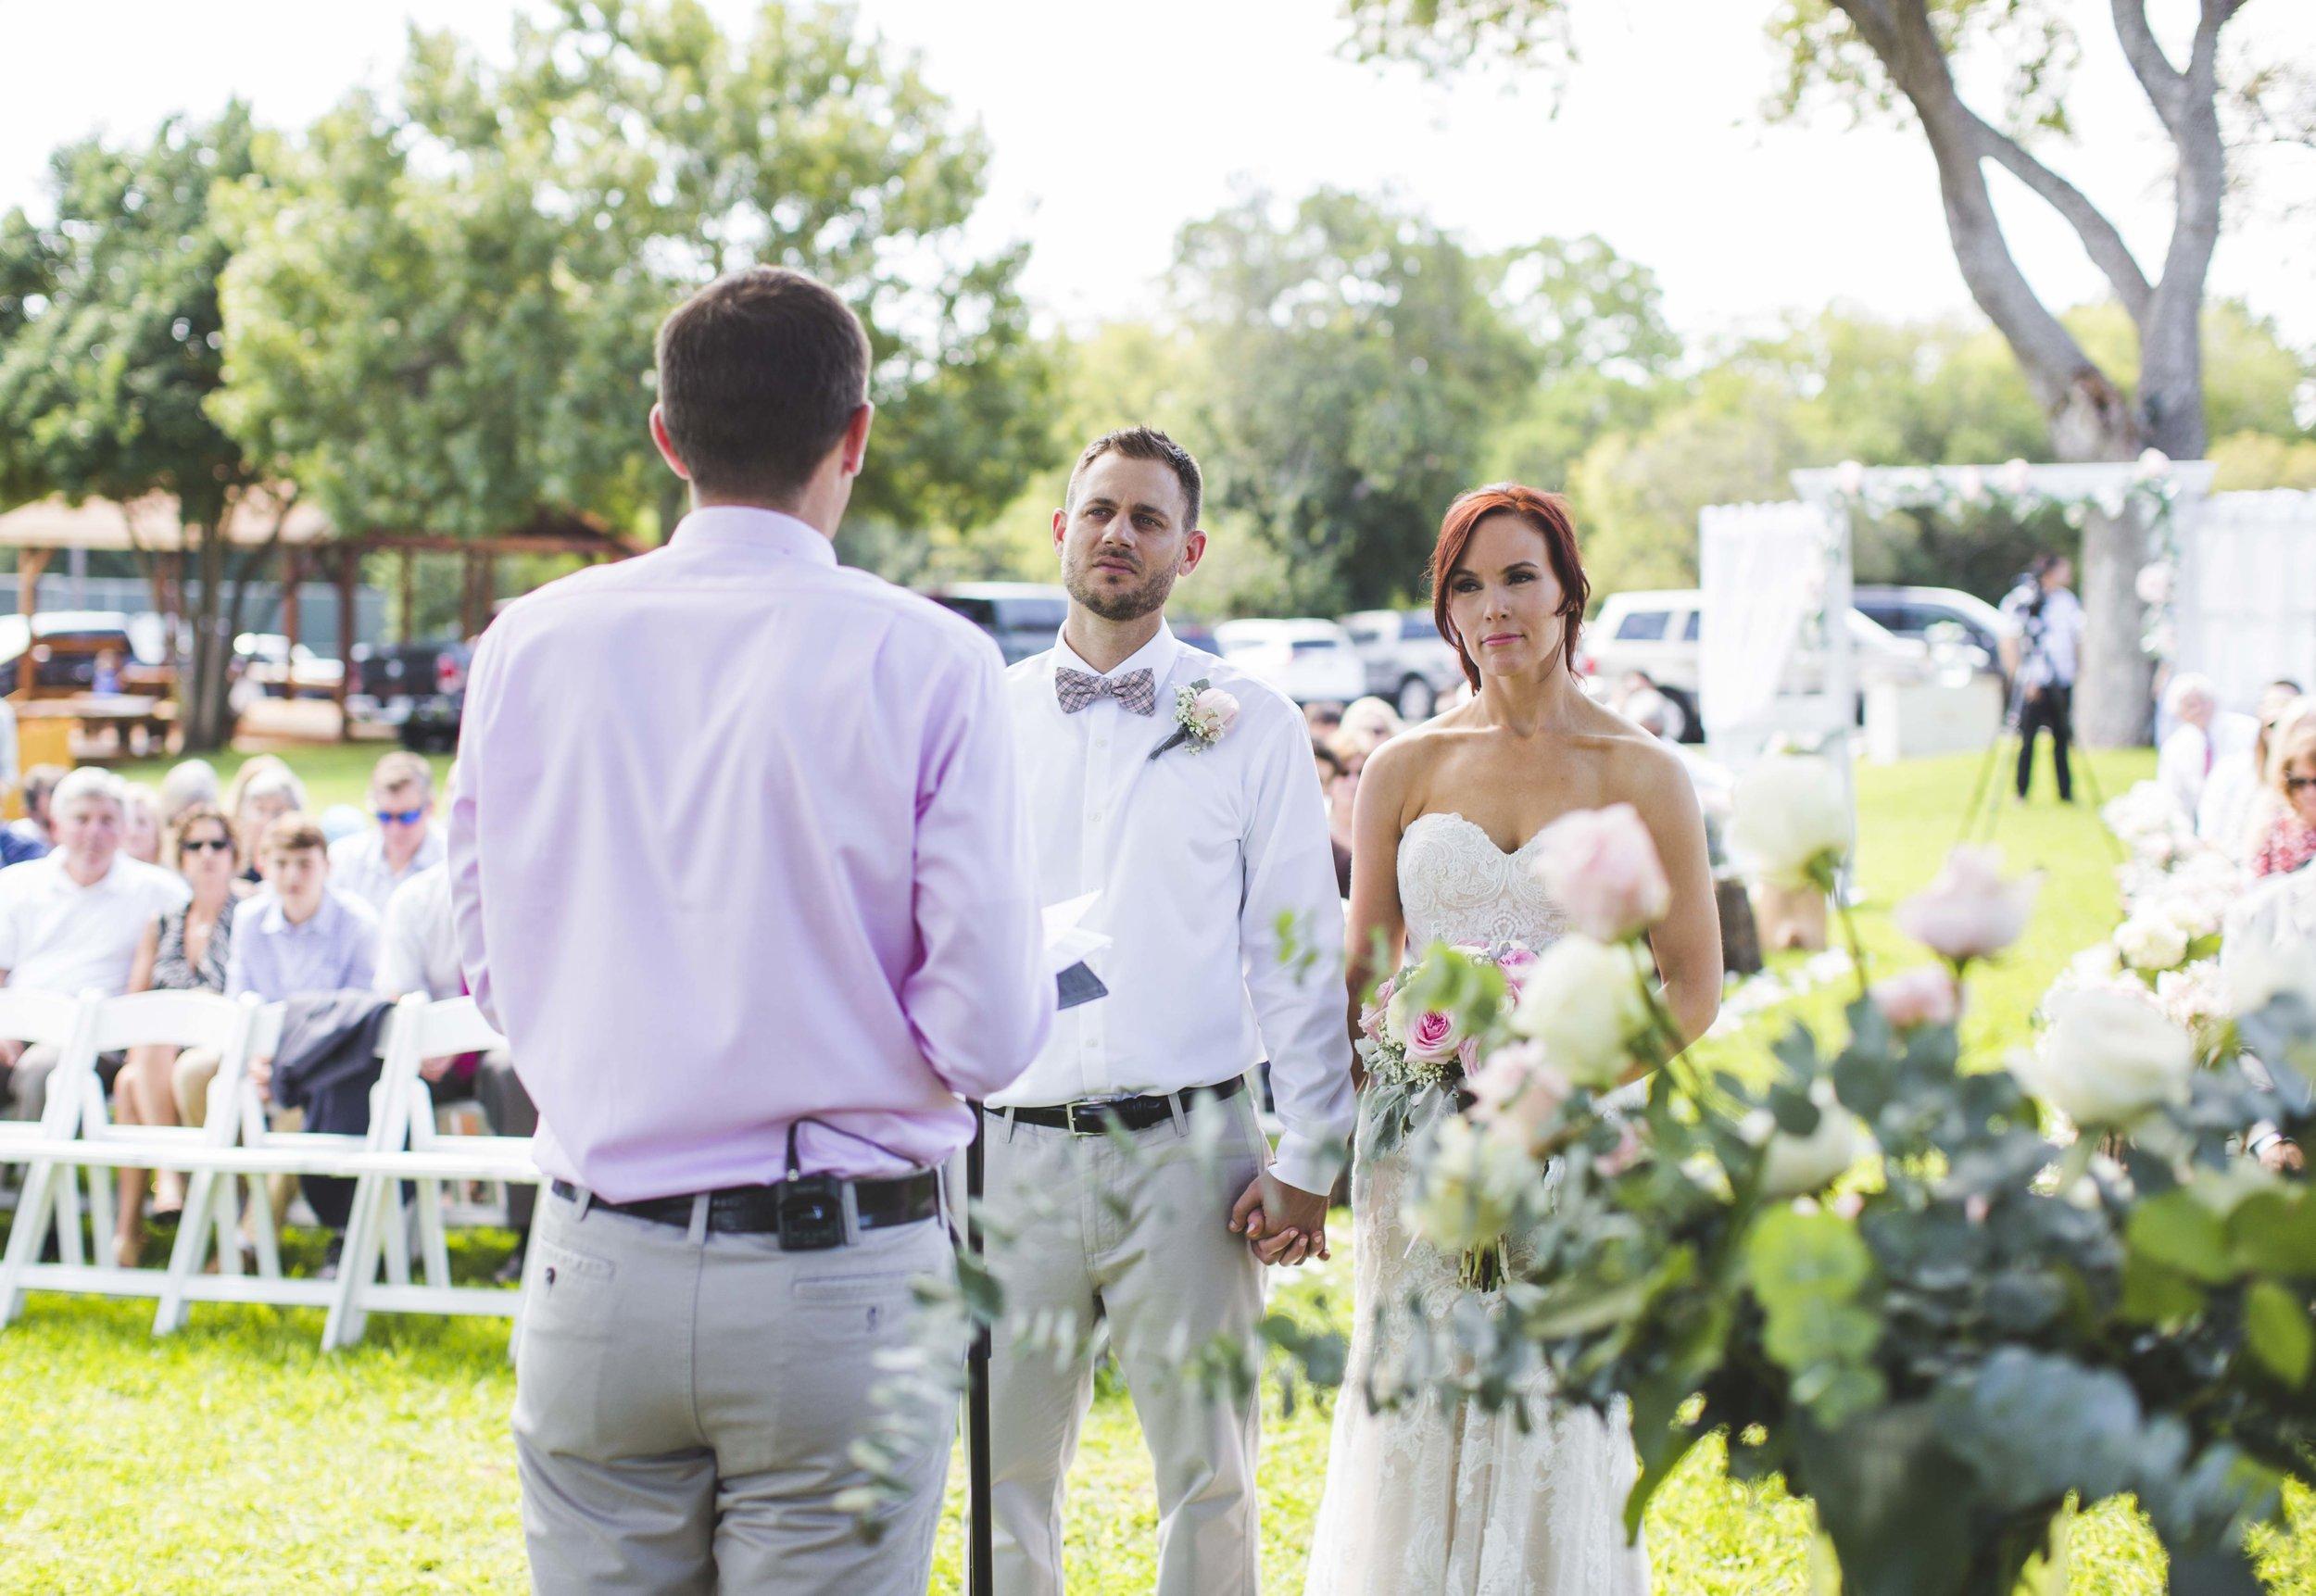 ATGI_Susanna & Matt Wedding_717A7722.jpg